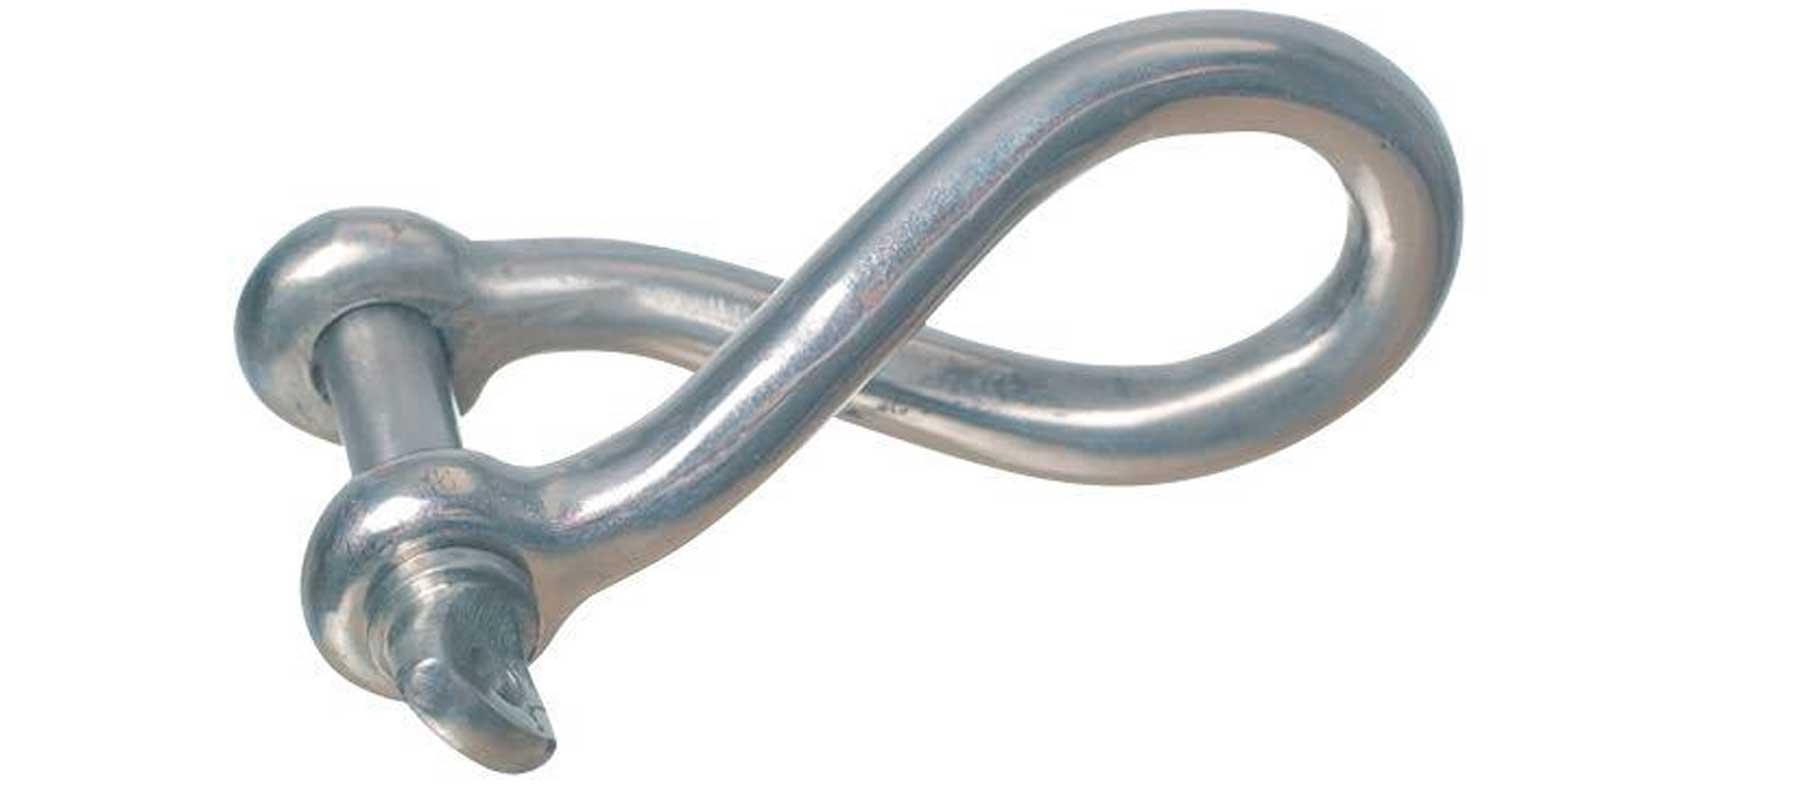 Sjækel vreden rustfrit stål 4 mm.